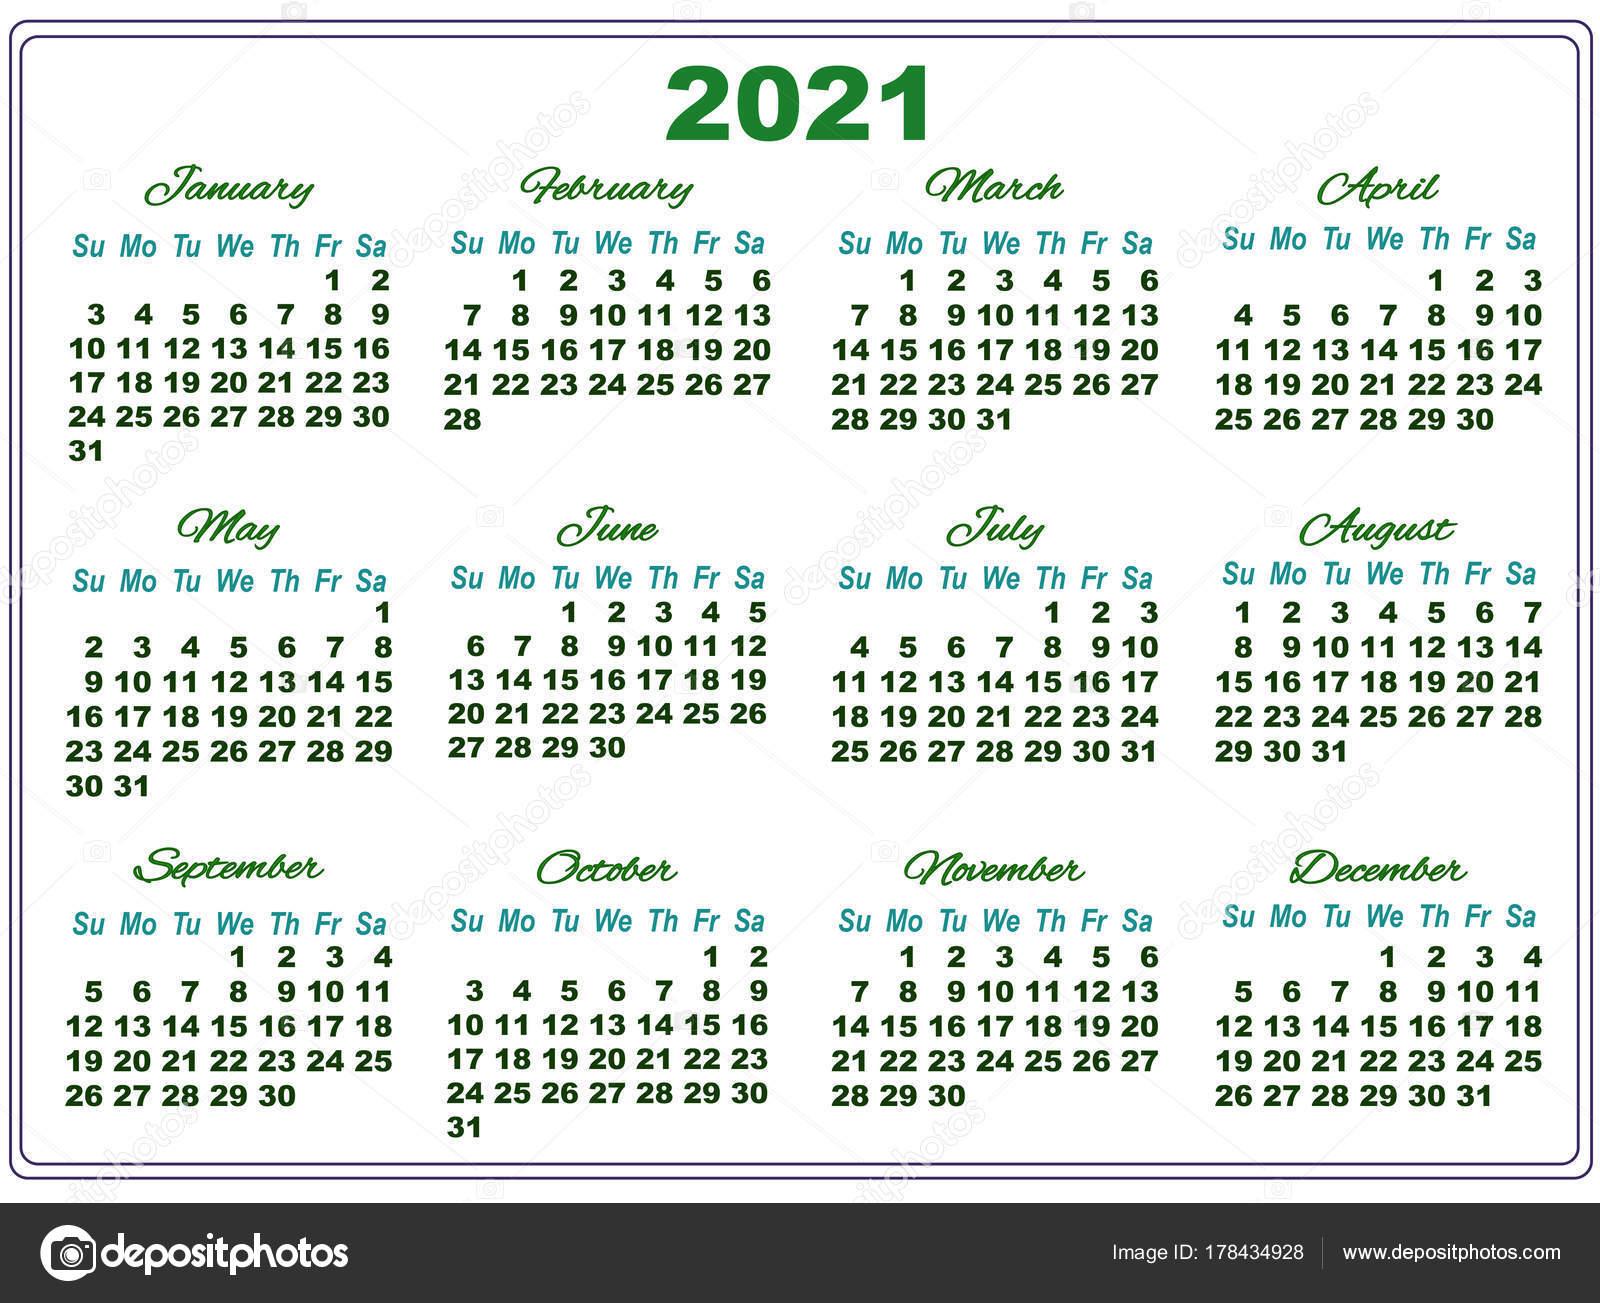 Calendrier 2021 Avec Semaine.Calendrier 2021 Avec Gros Chiffres Image Vectorielle